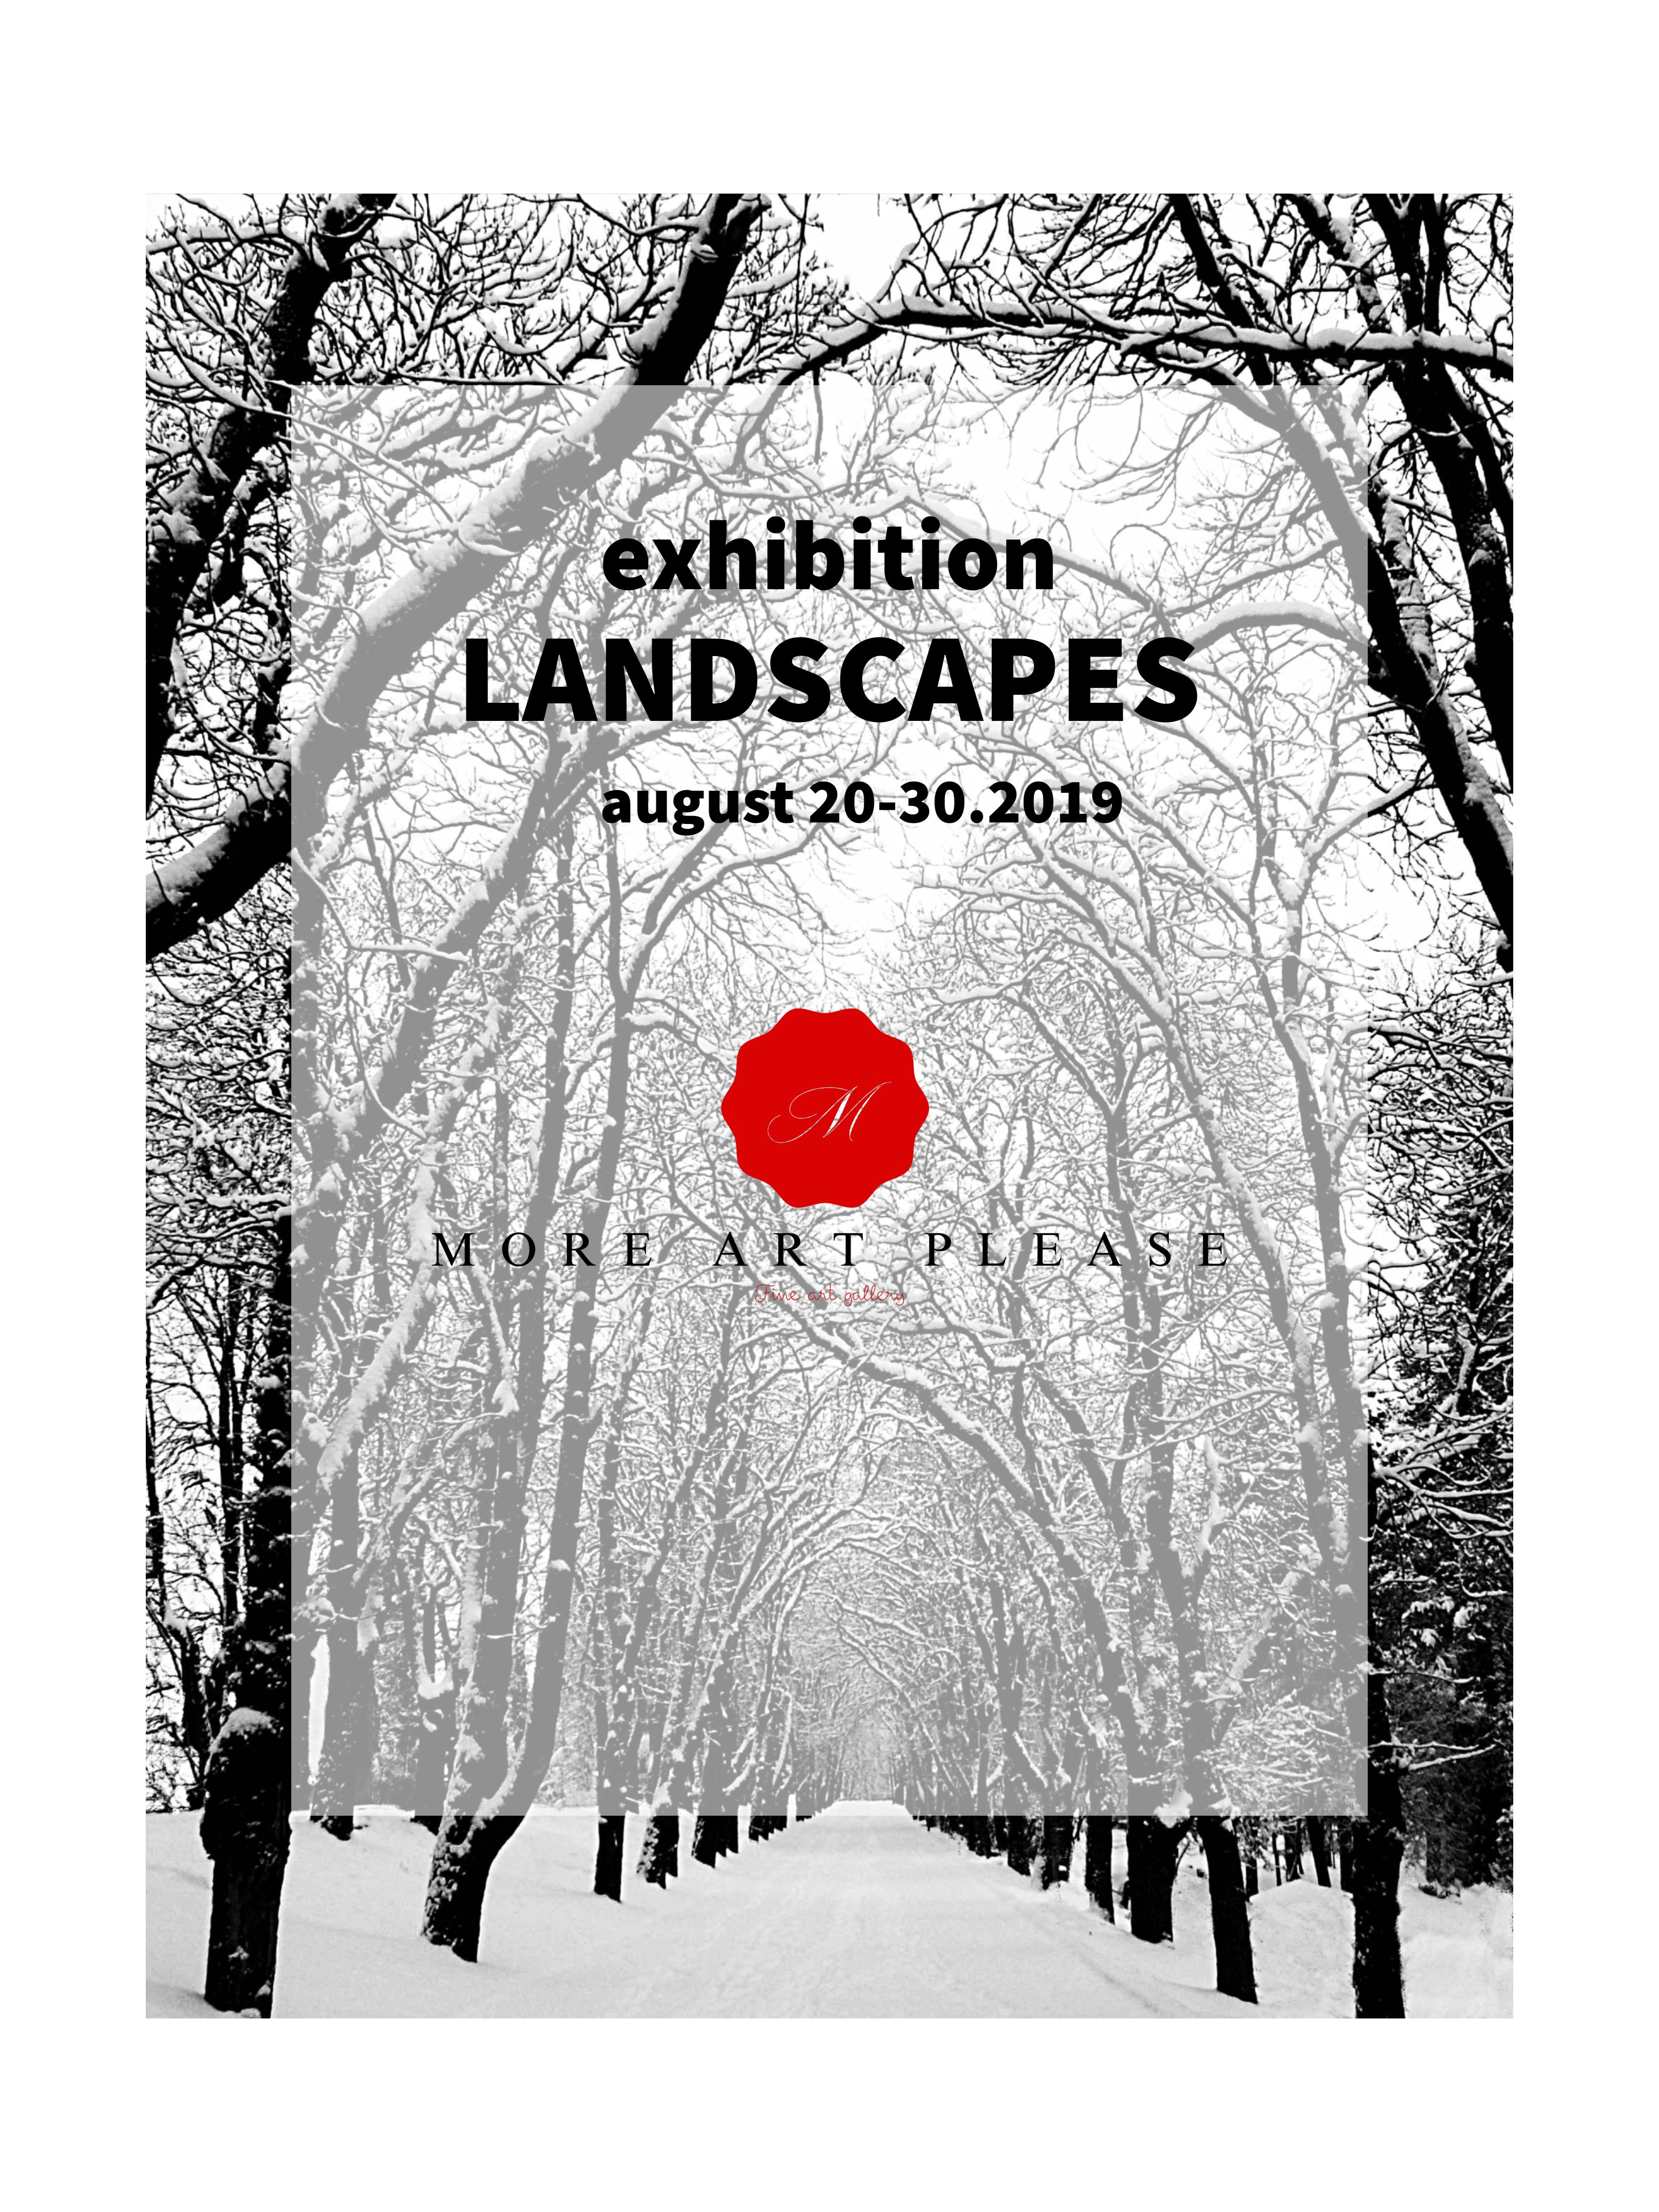 MORE ART PLEASE: Landscapes - logo